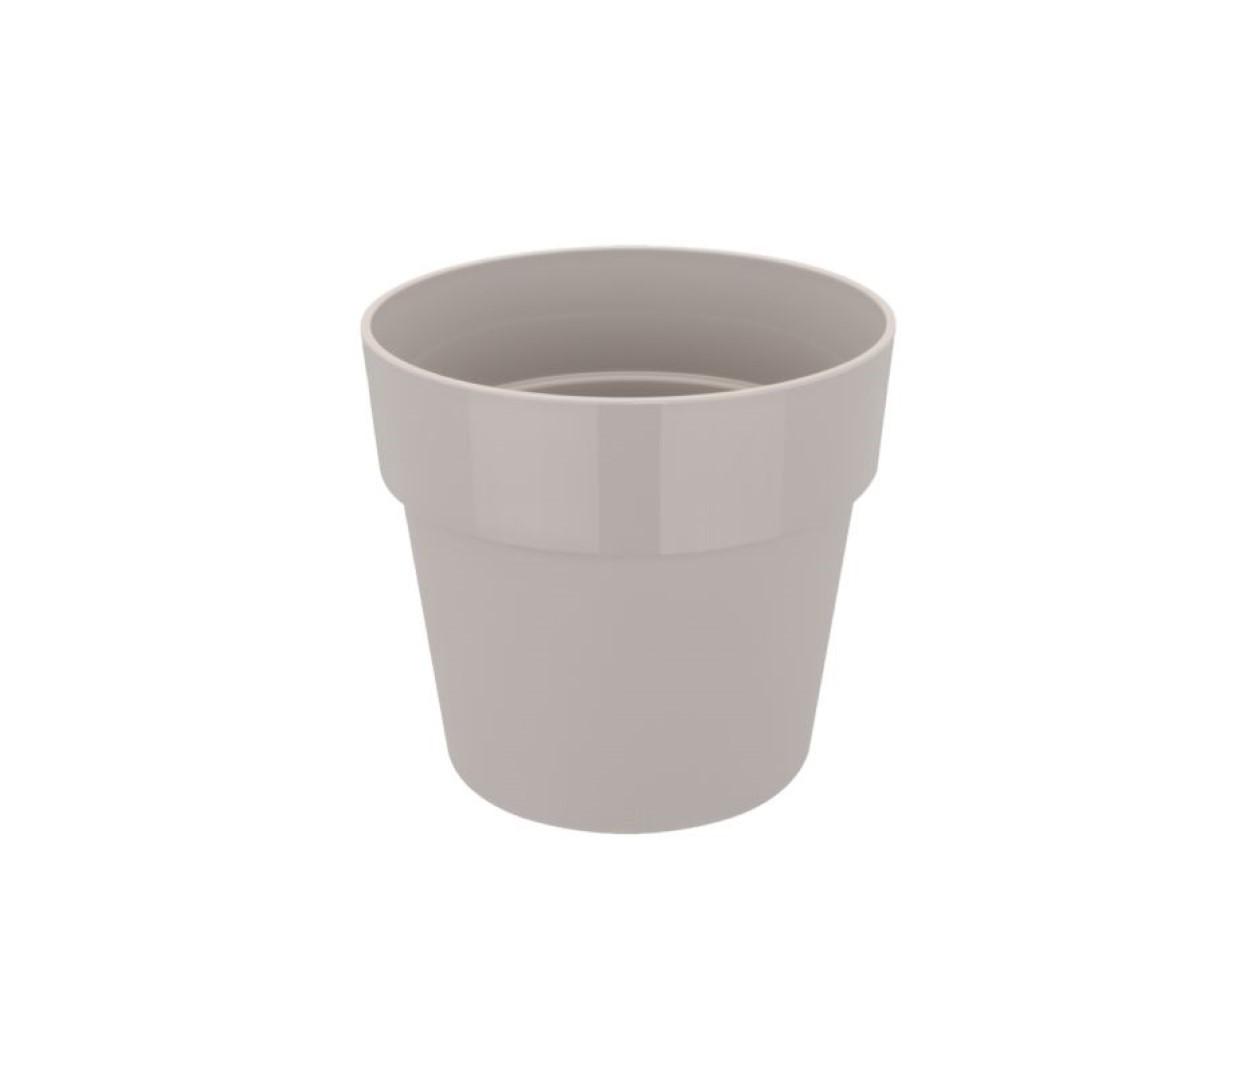 B.for original rond 25 bloempot warm grijs binnen dia. 25 x h 23,2 cm